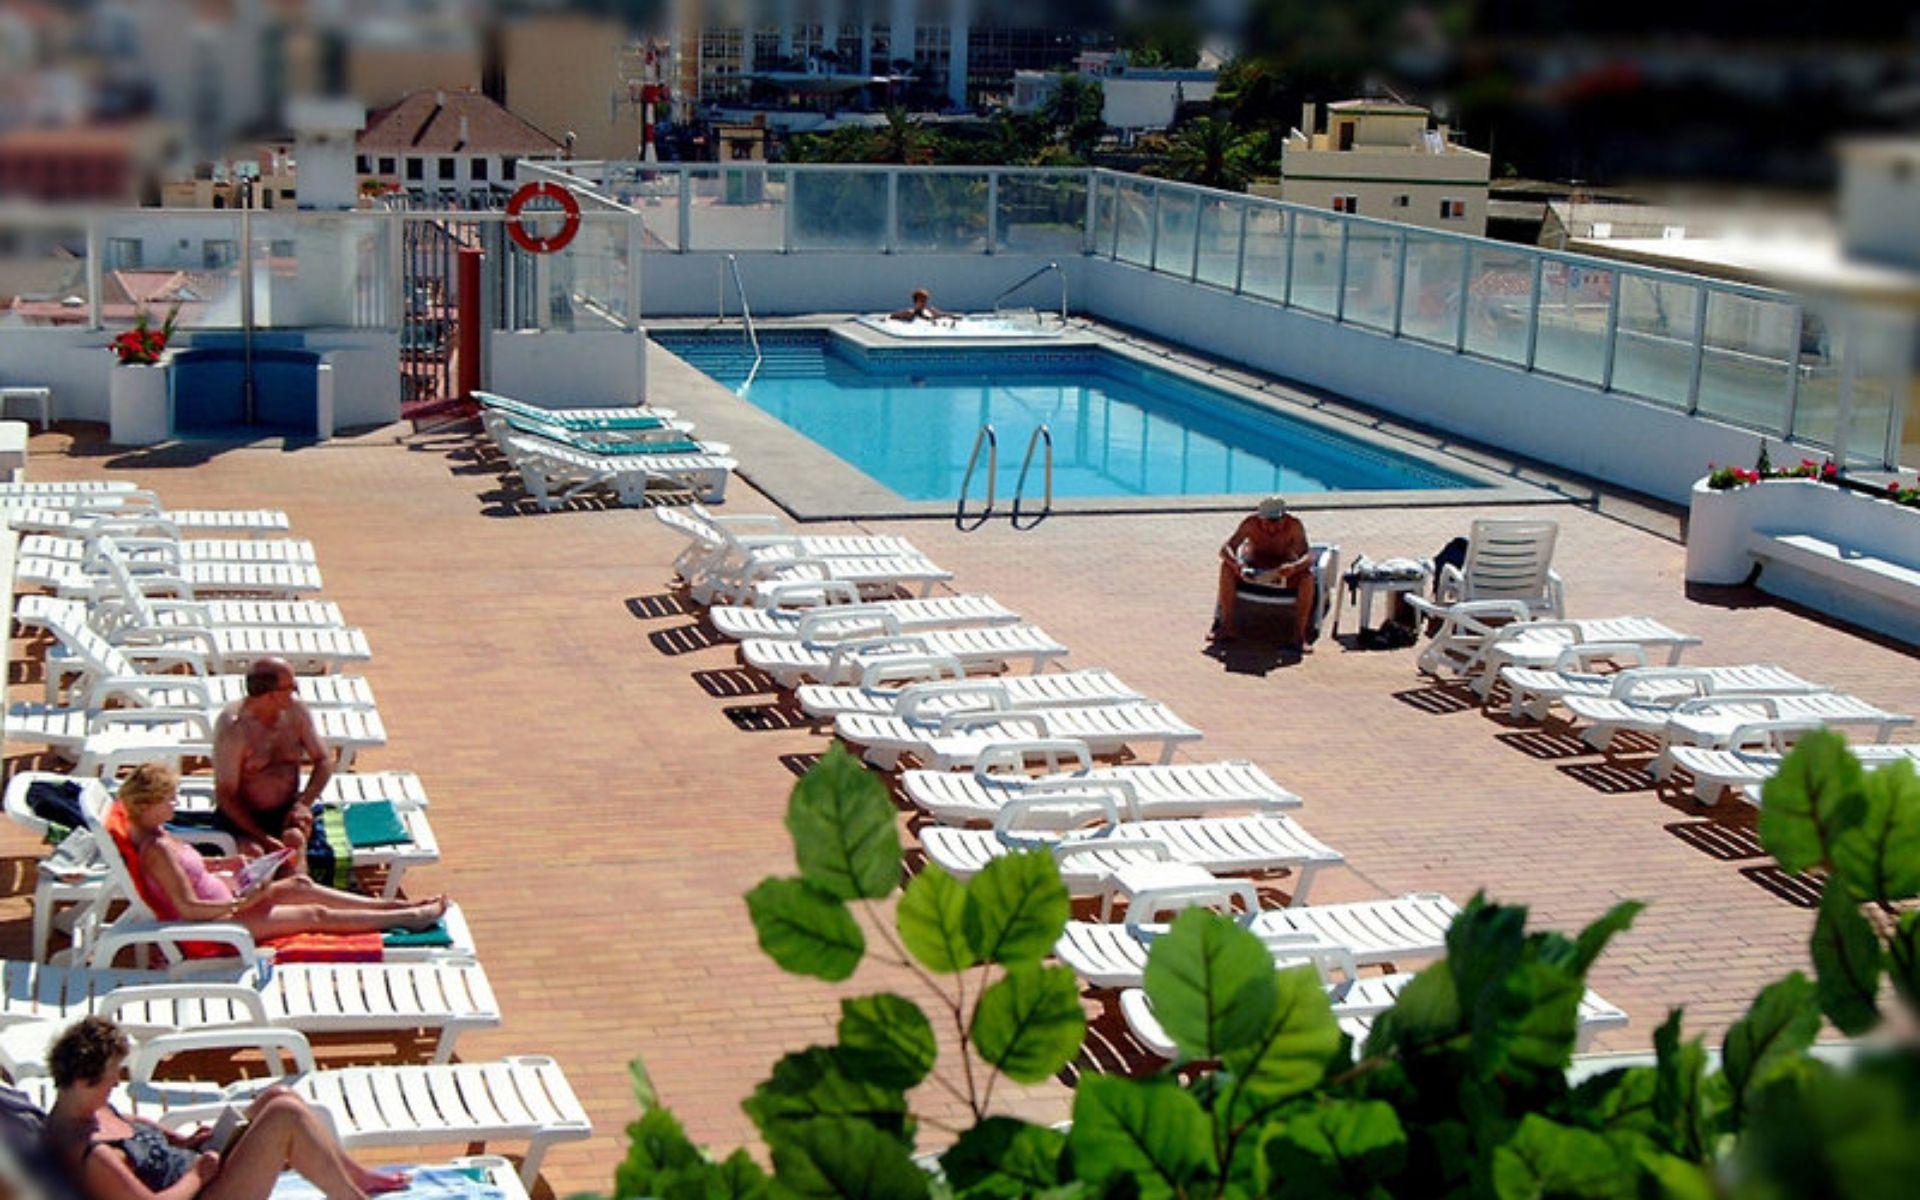 Hotel elegance dania park en puerto de la cruz tenerife desde 24 - Hotel dania park puerto de la cruz ...